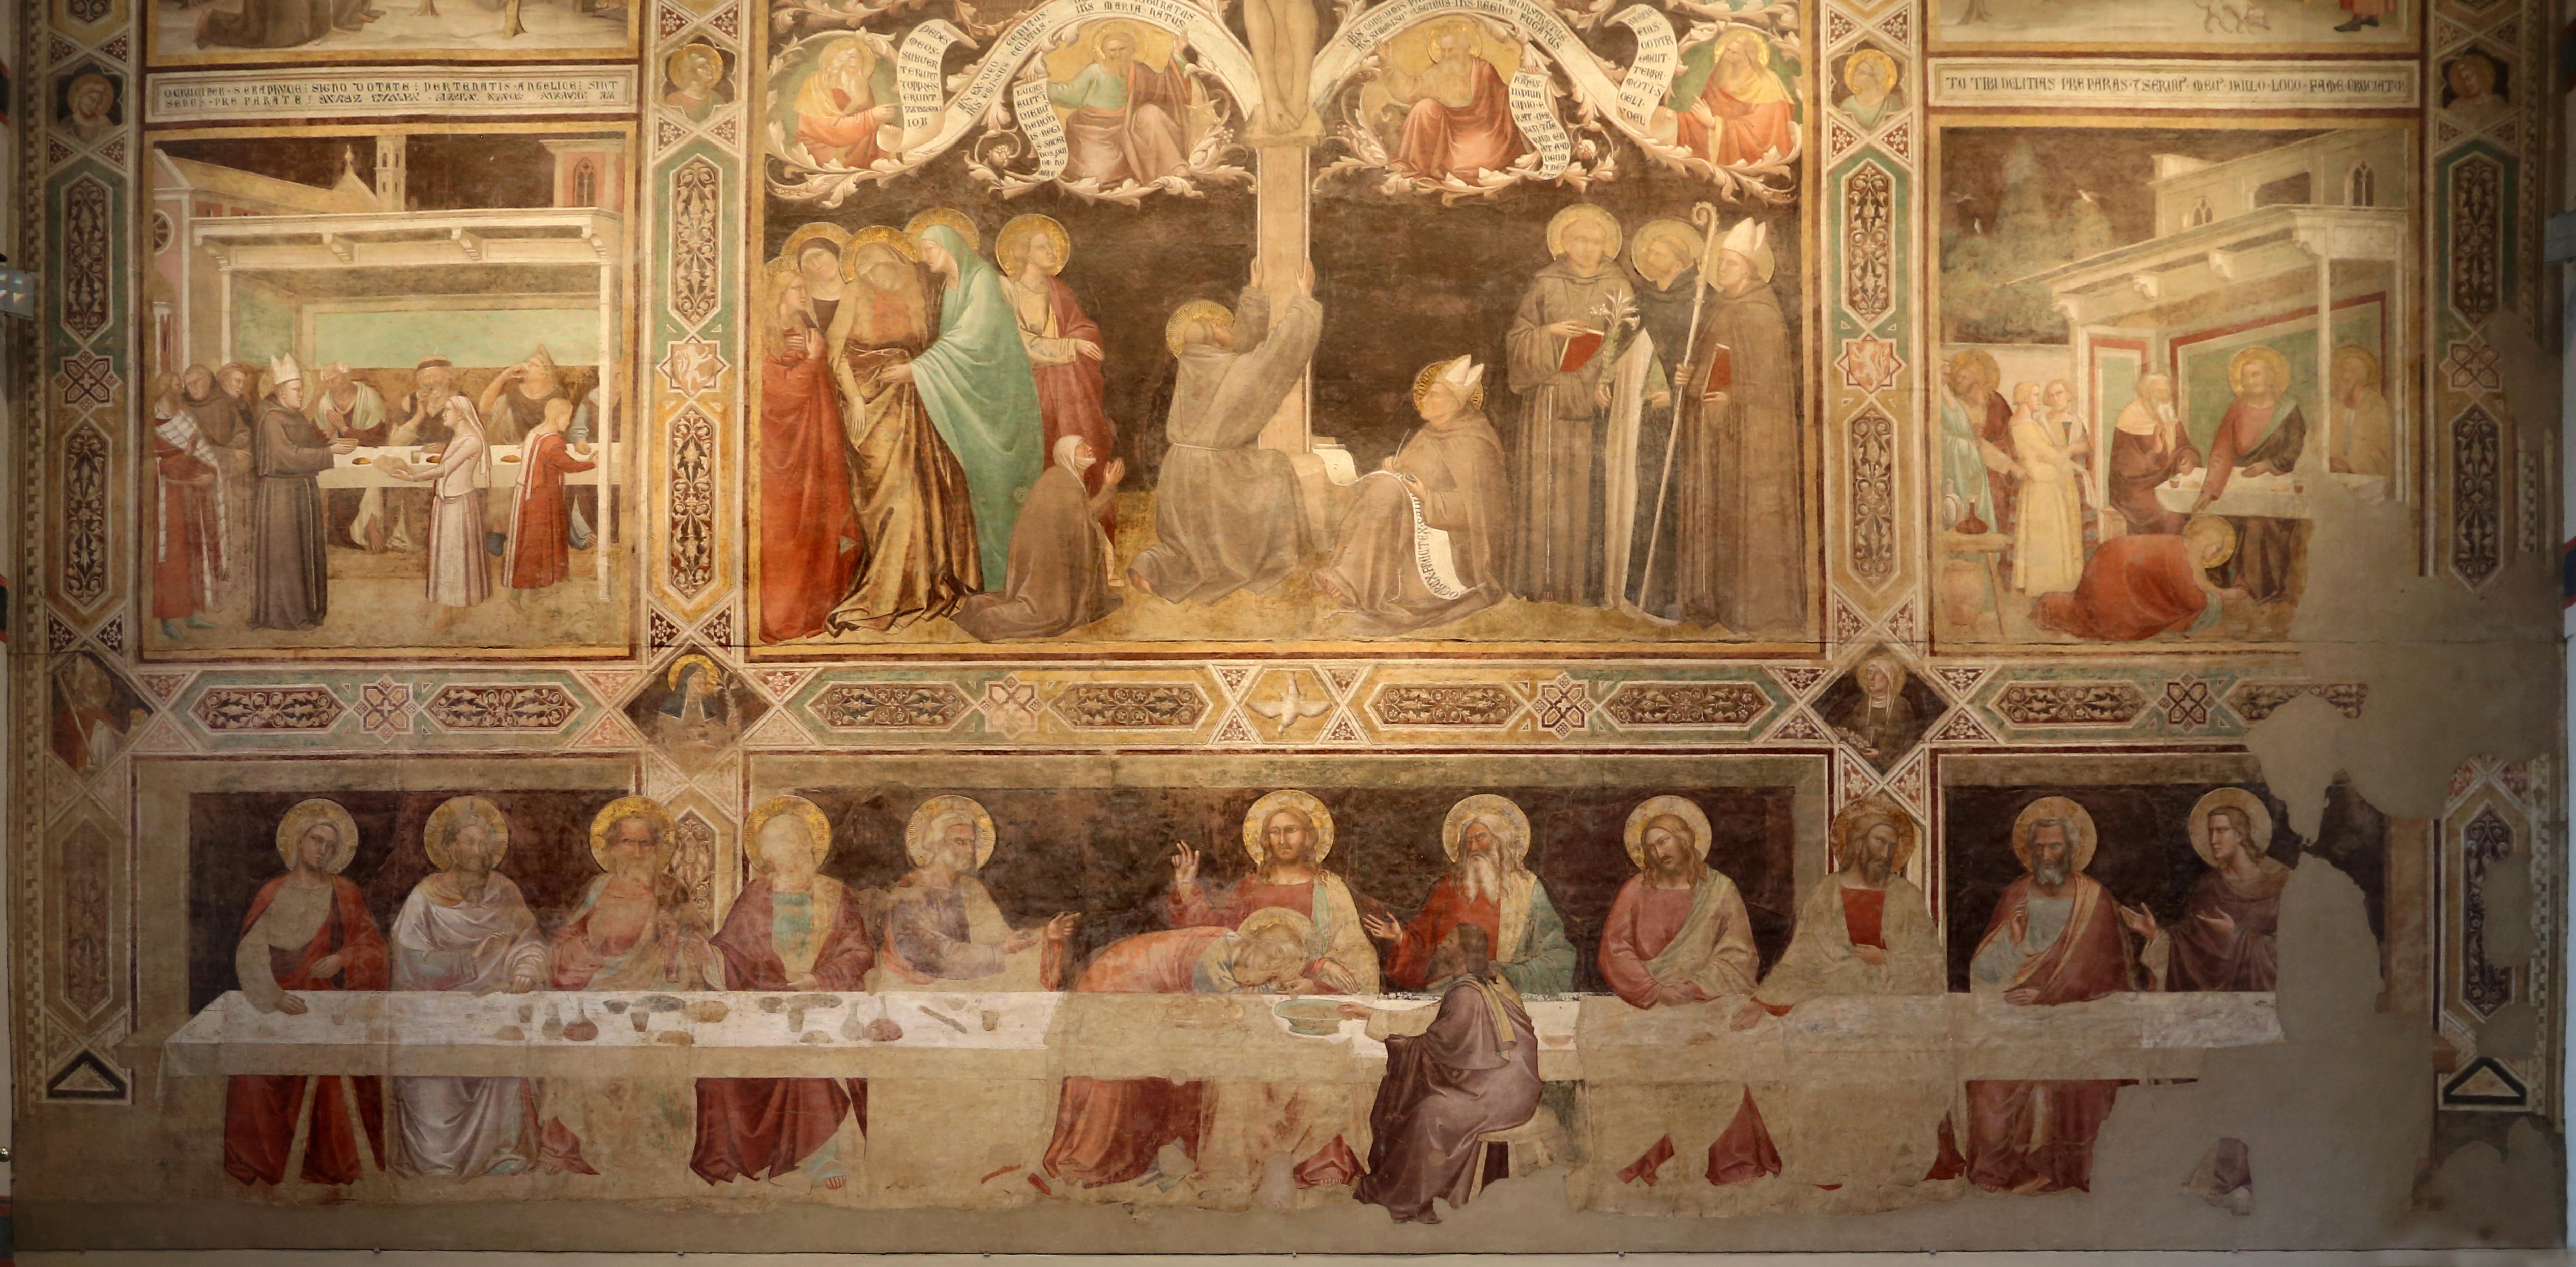 Taddeo Gaddi, Ultima scena e dettaglio dei santi francescani alla base dell'Albero della Vita, (1336-1366 circa), Santa Croce, Firenze